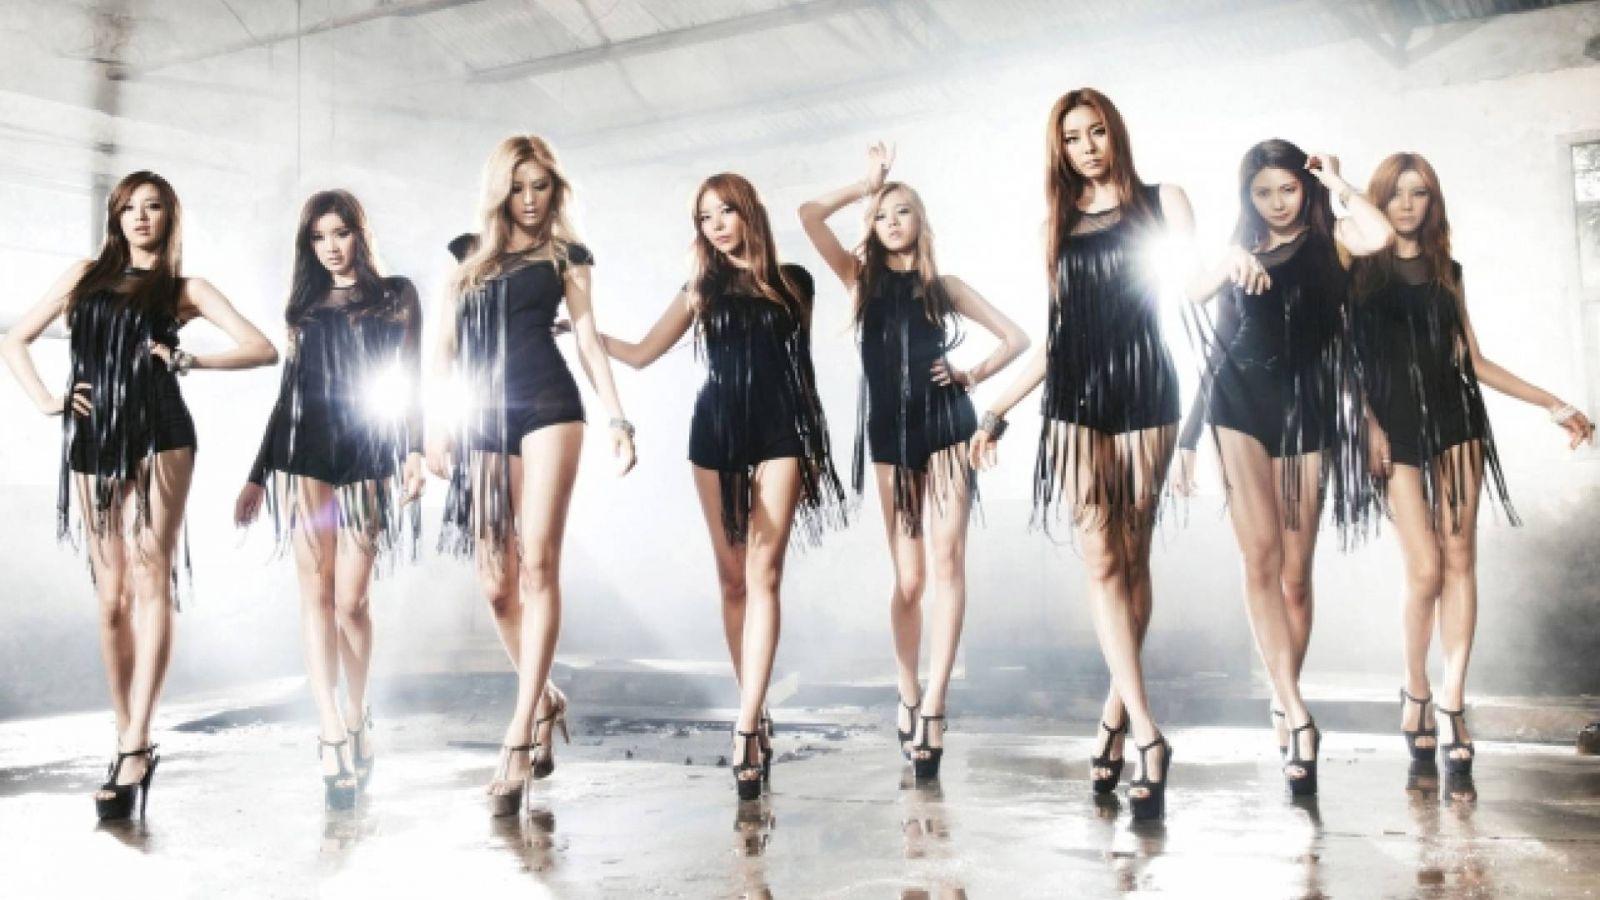 After School julkaisee best of -albumin © Pledis Entertainment